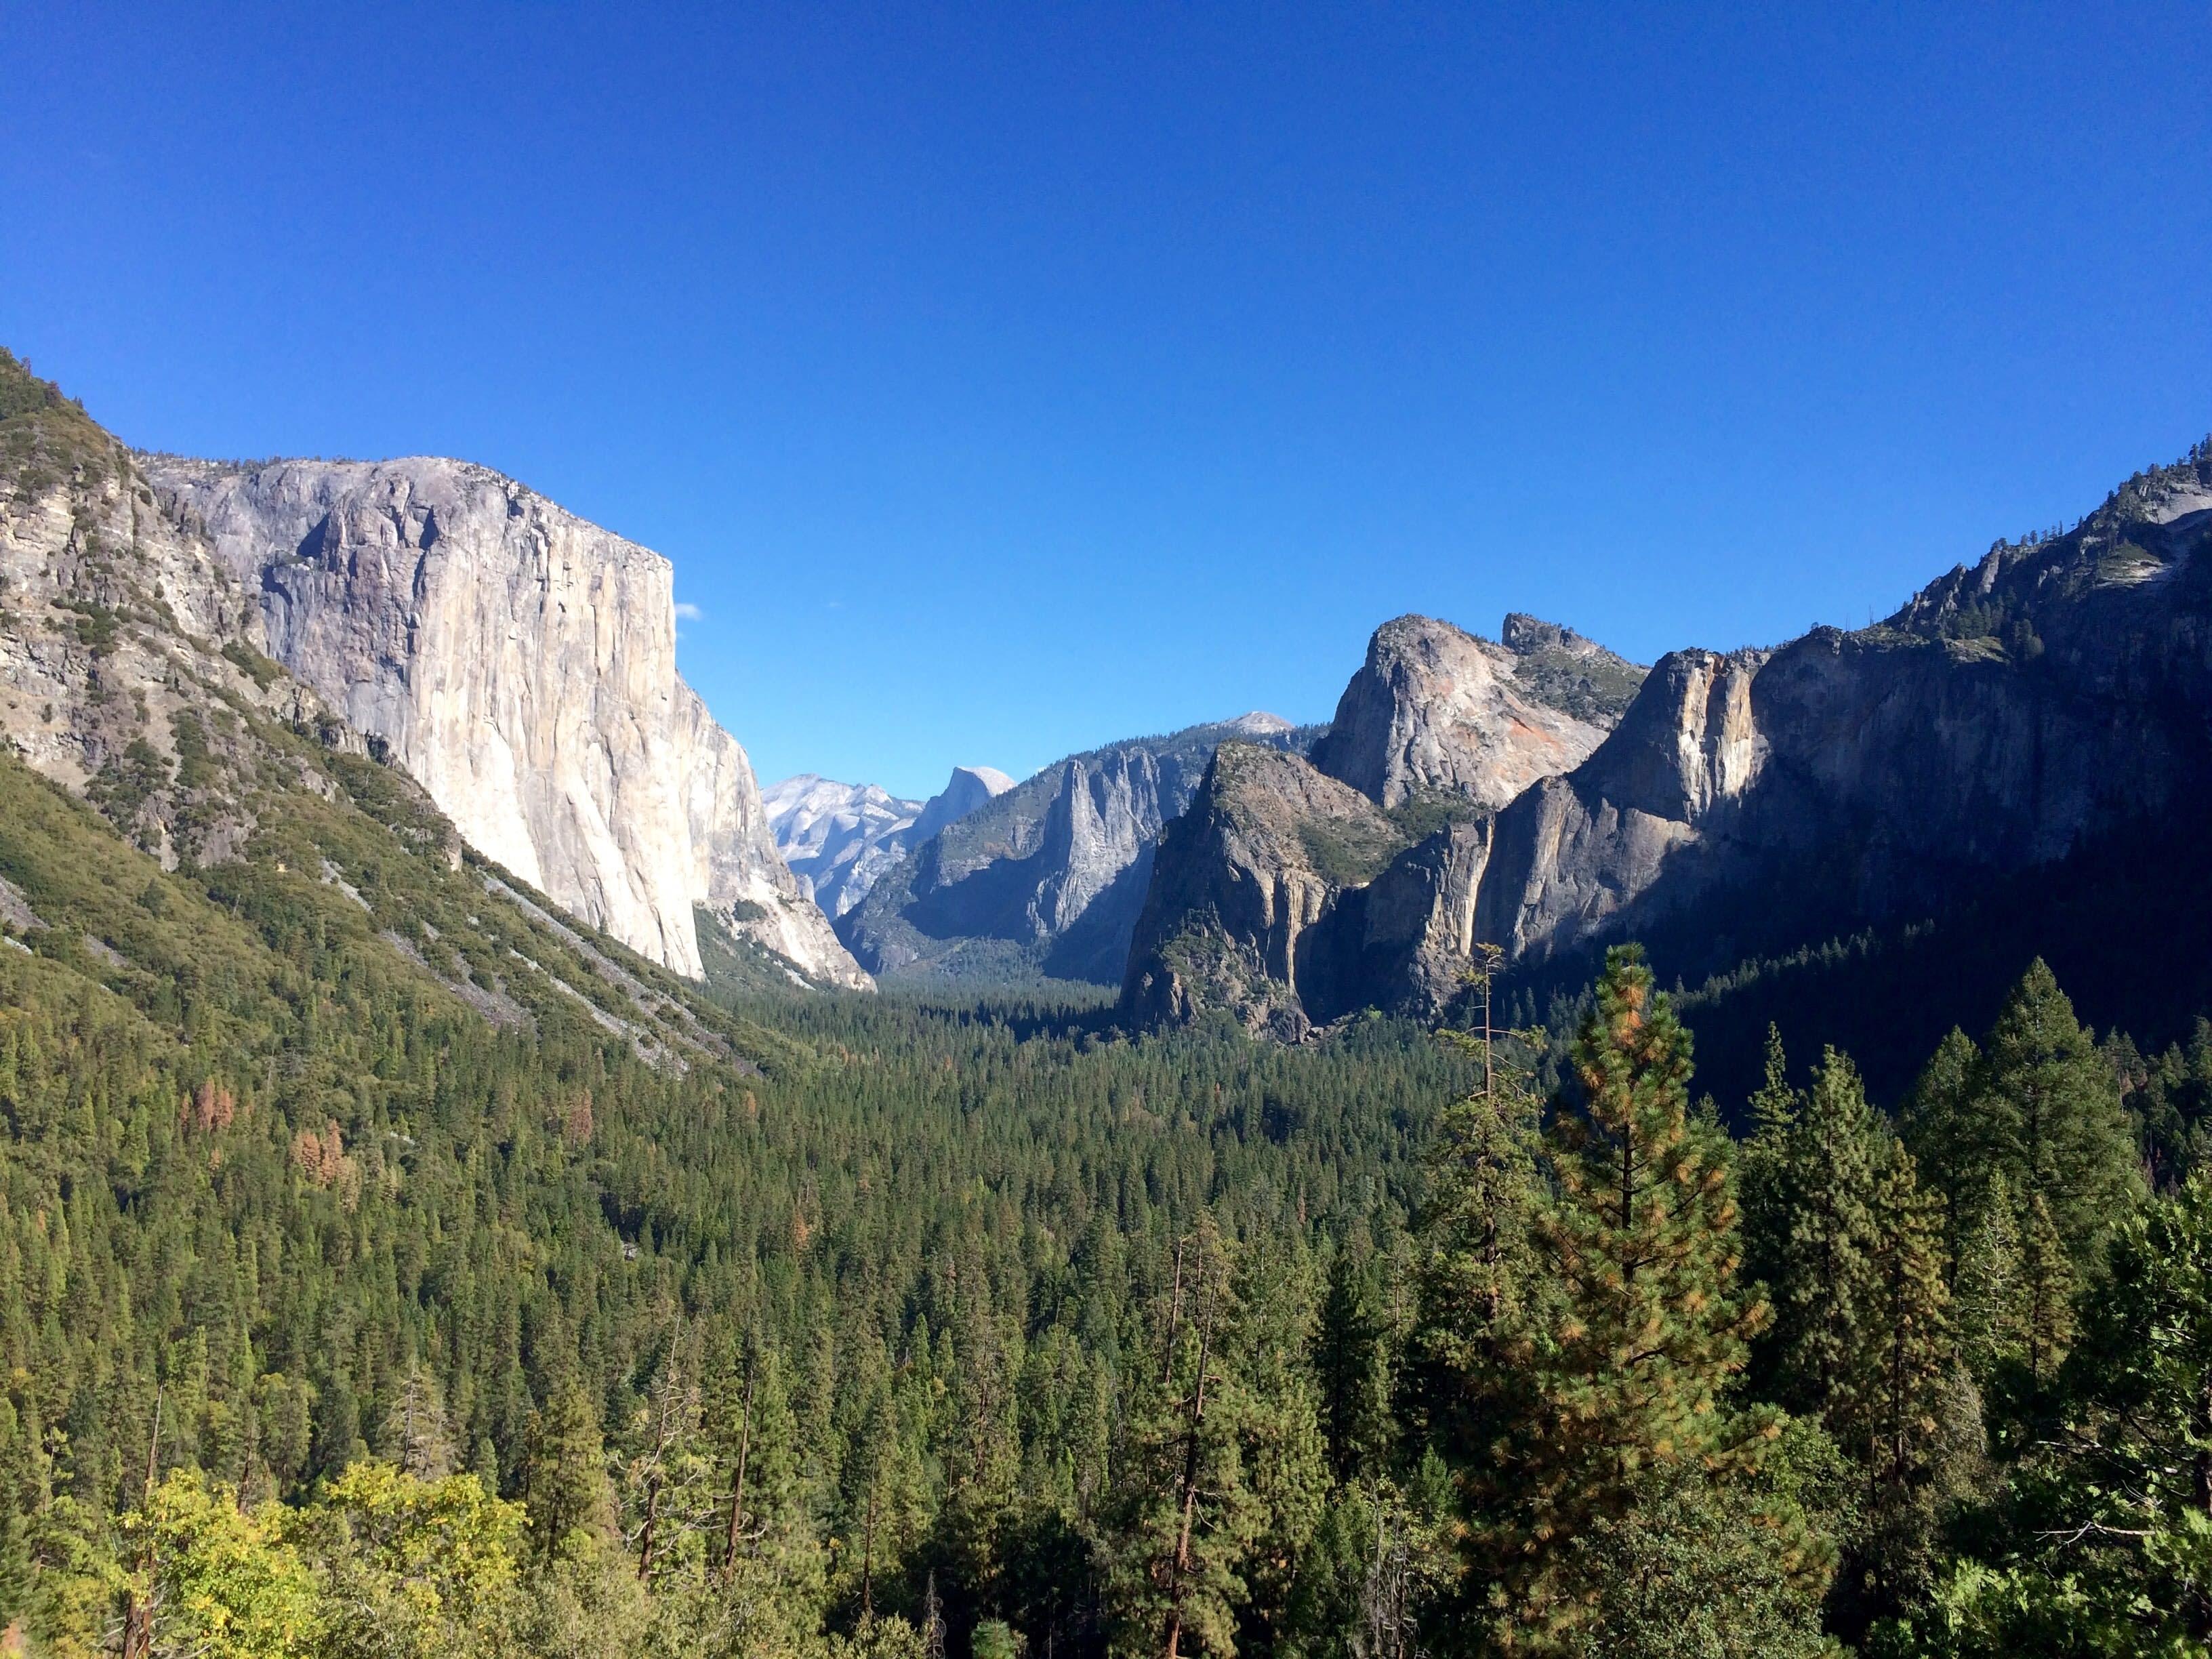 อุทยาน Yosemite National Park